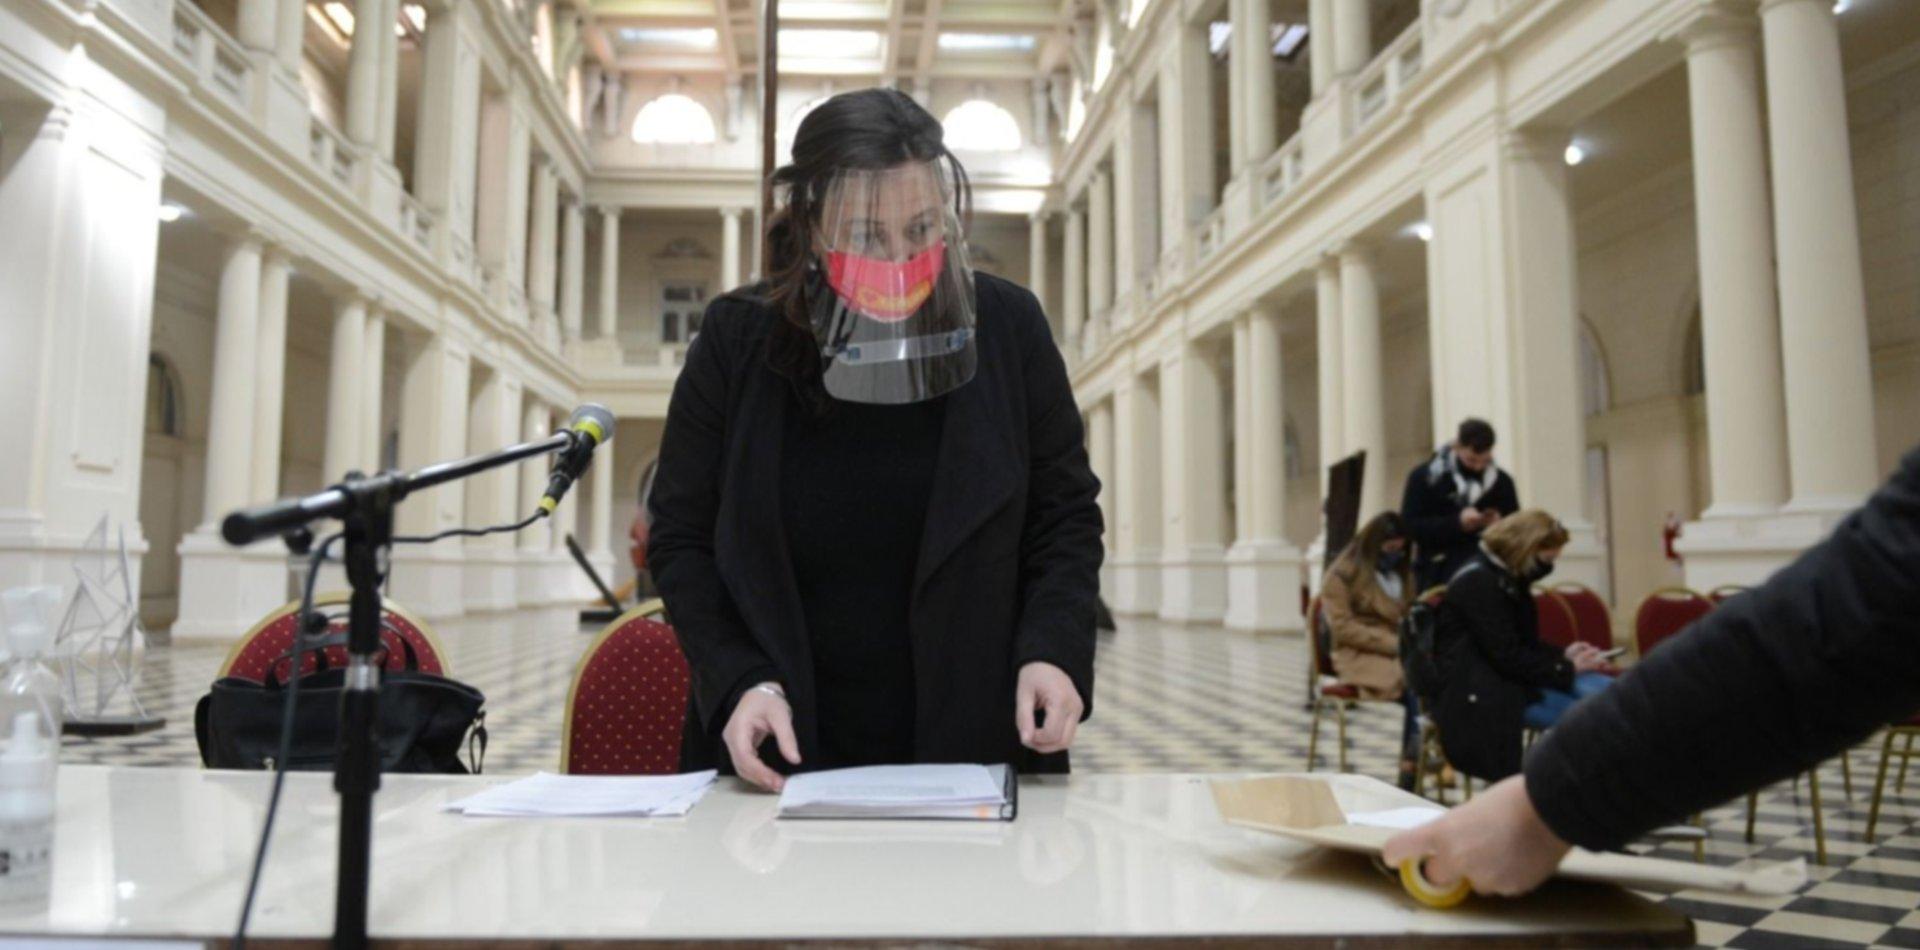 Ileana Cid recibió el alta tras contraer COVID-19 y volvieron las sesiones del Concejo